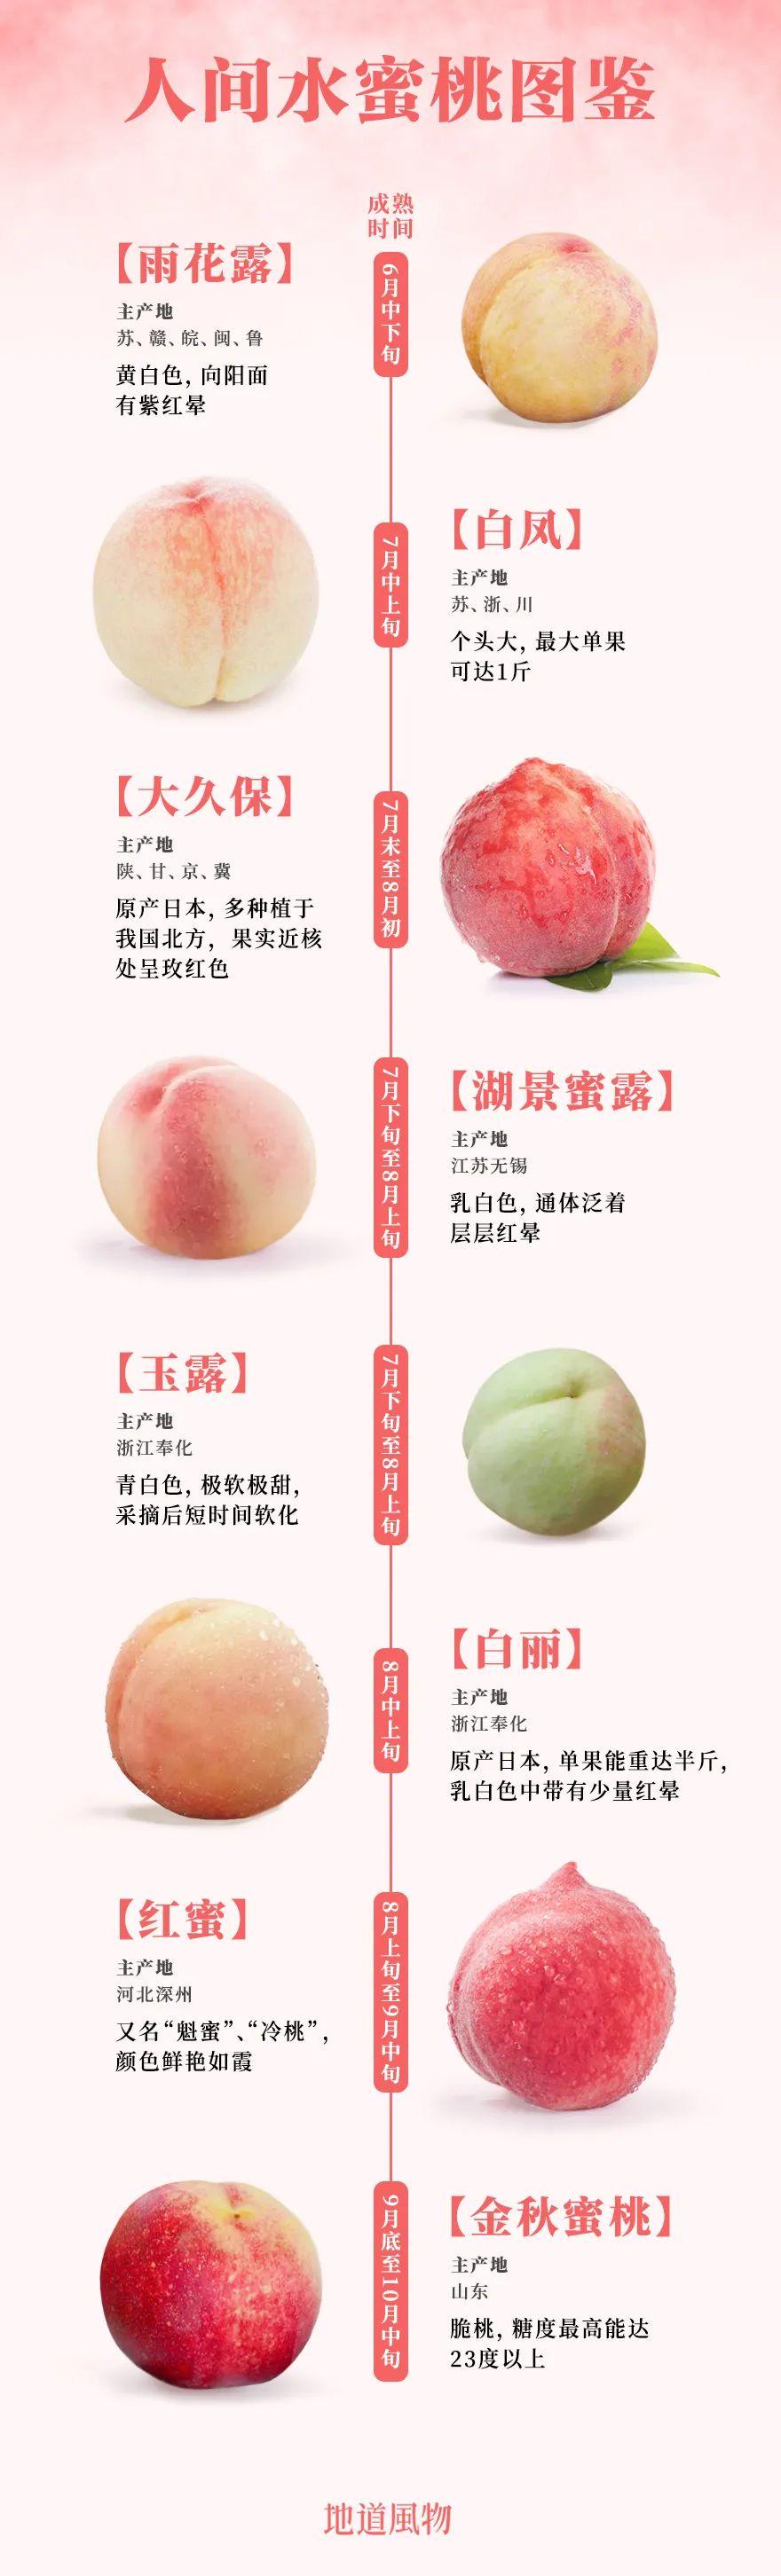 ▲ 如今市面上部分知名的蜜桃和水蜜桃(其中金秋蜜桃为脆桃)。设计/刘航